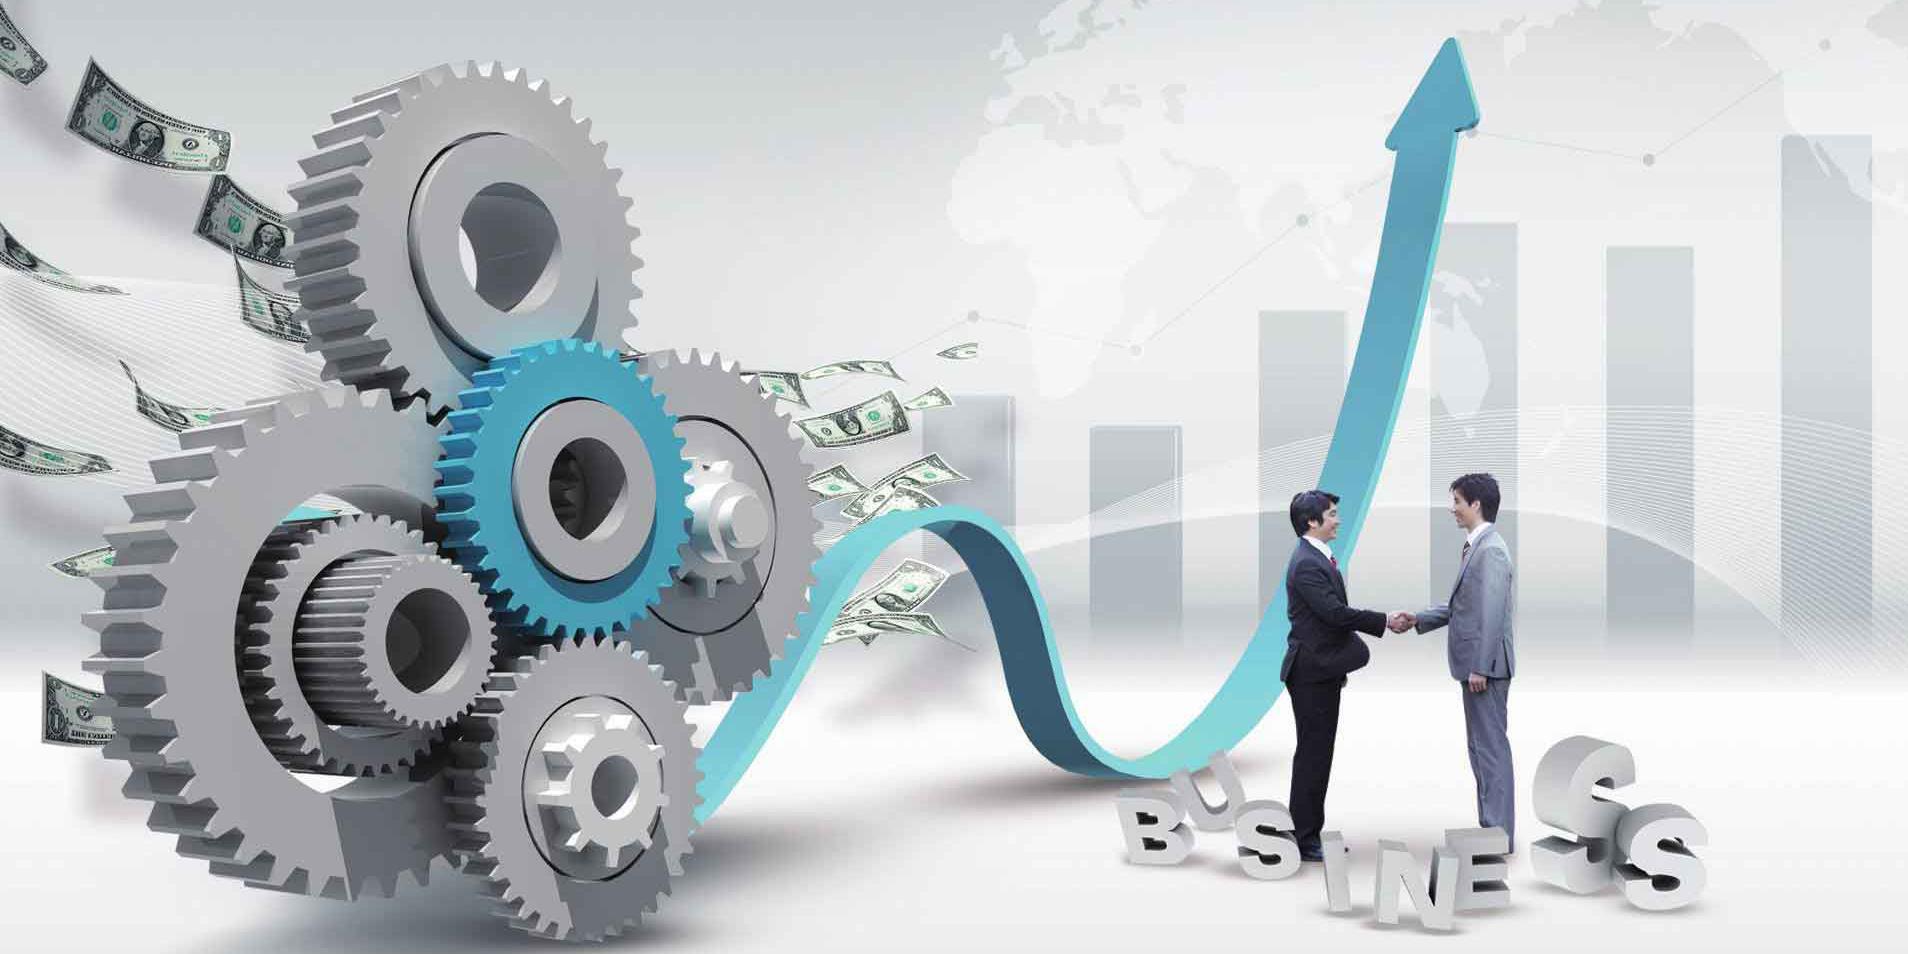 عوامل اصلی خروج بنگاهها از چرخه اقتصاد